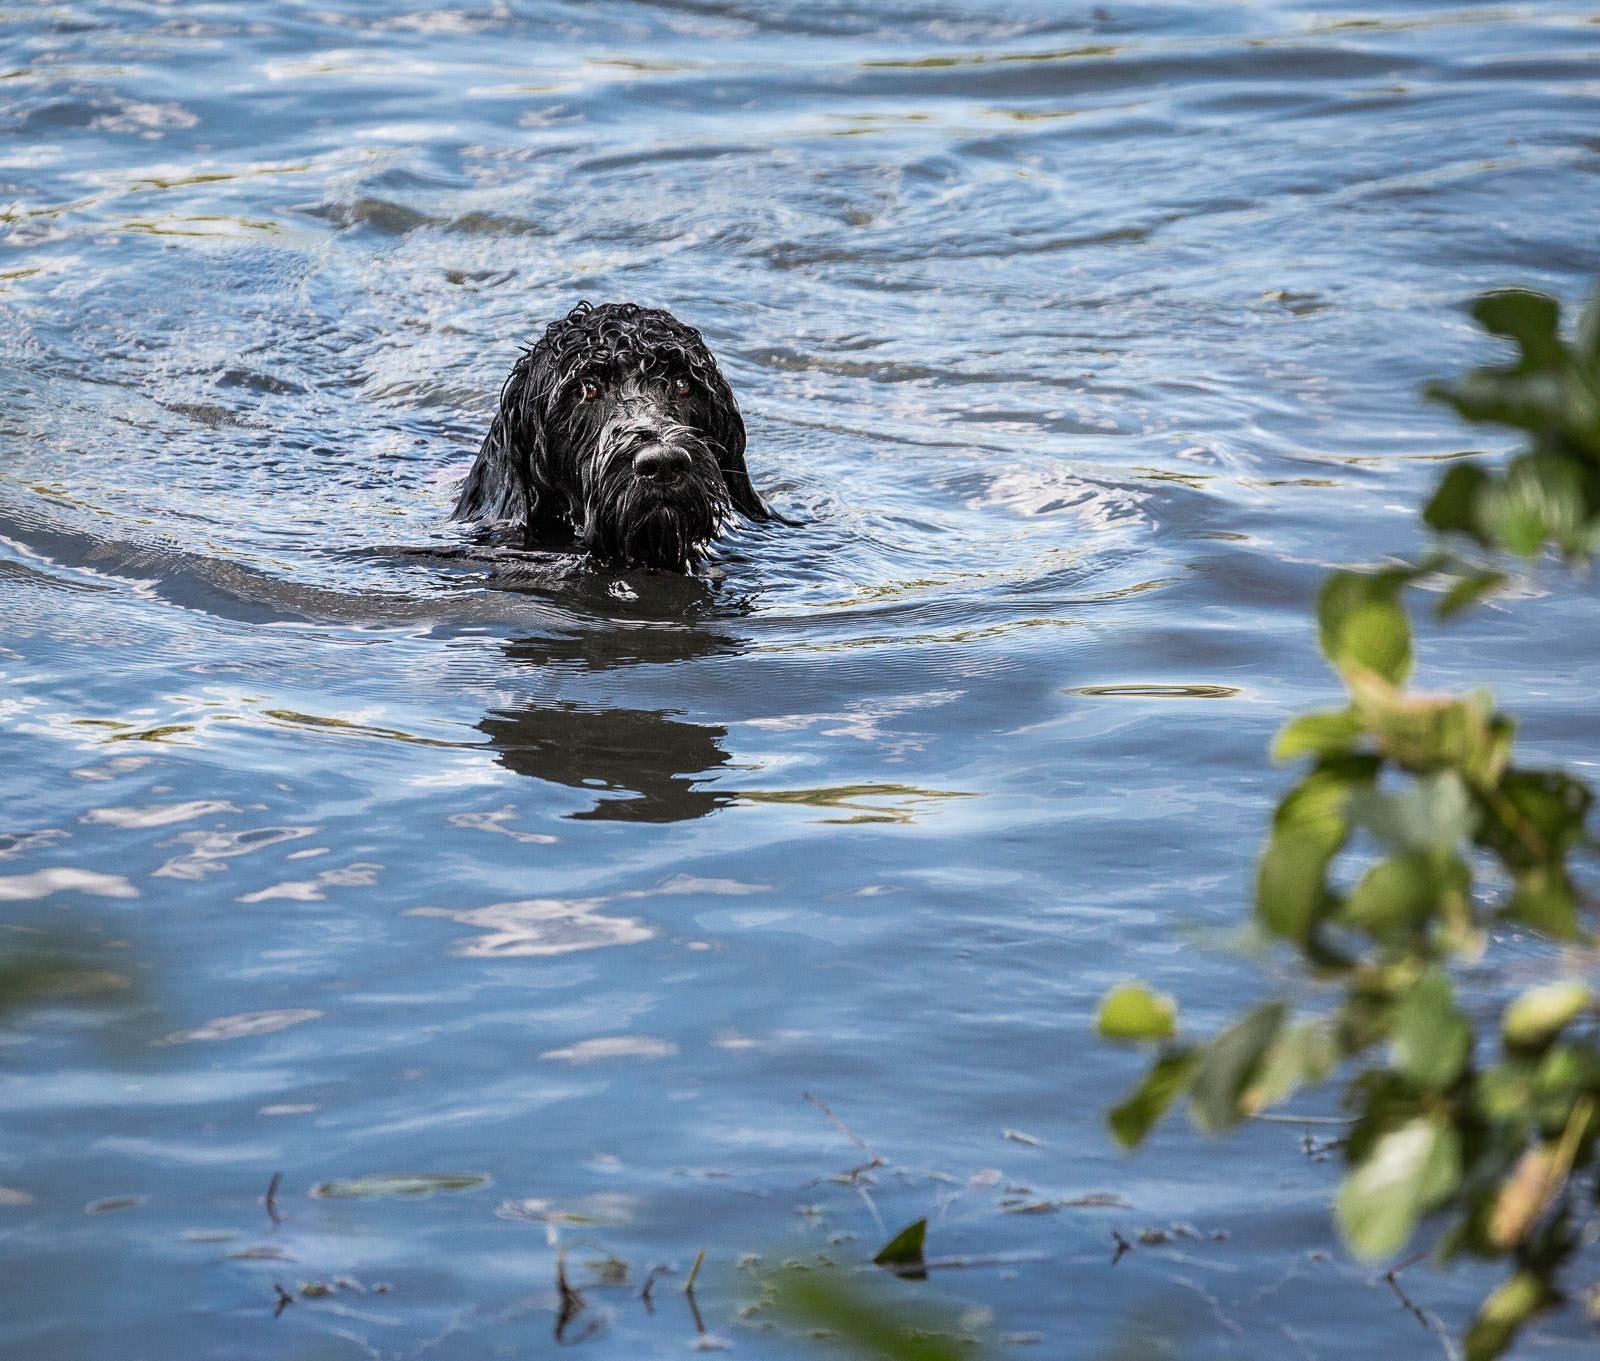 Schwimmt ein Portugiesischer Wasserhund eigentlich automatisch?